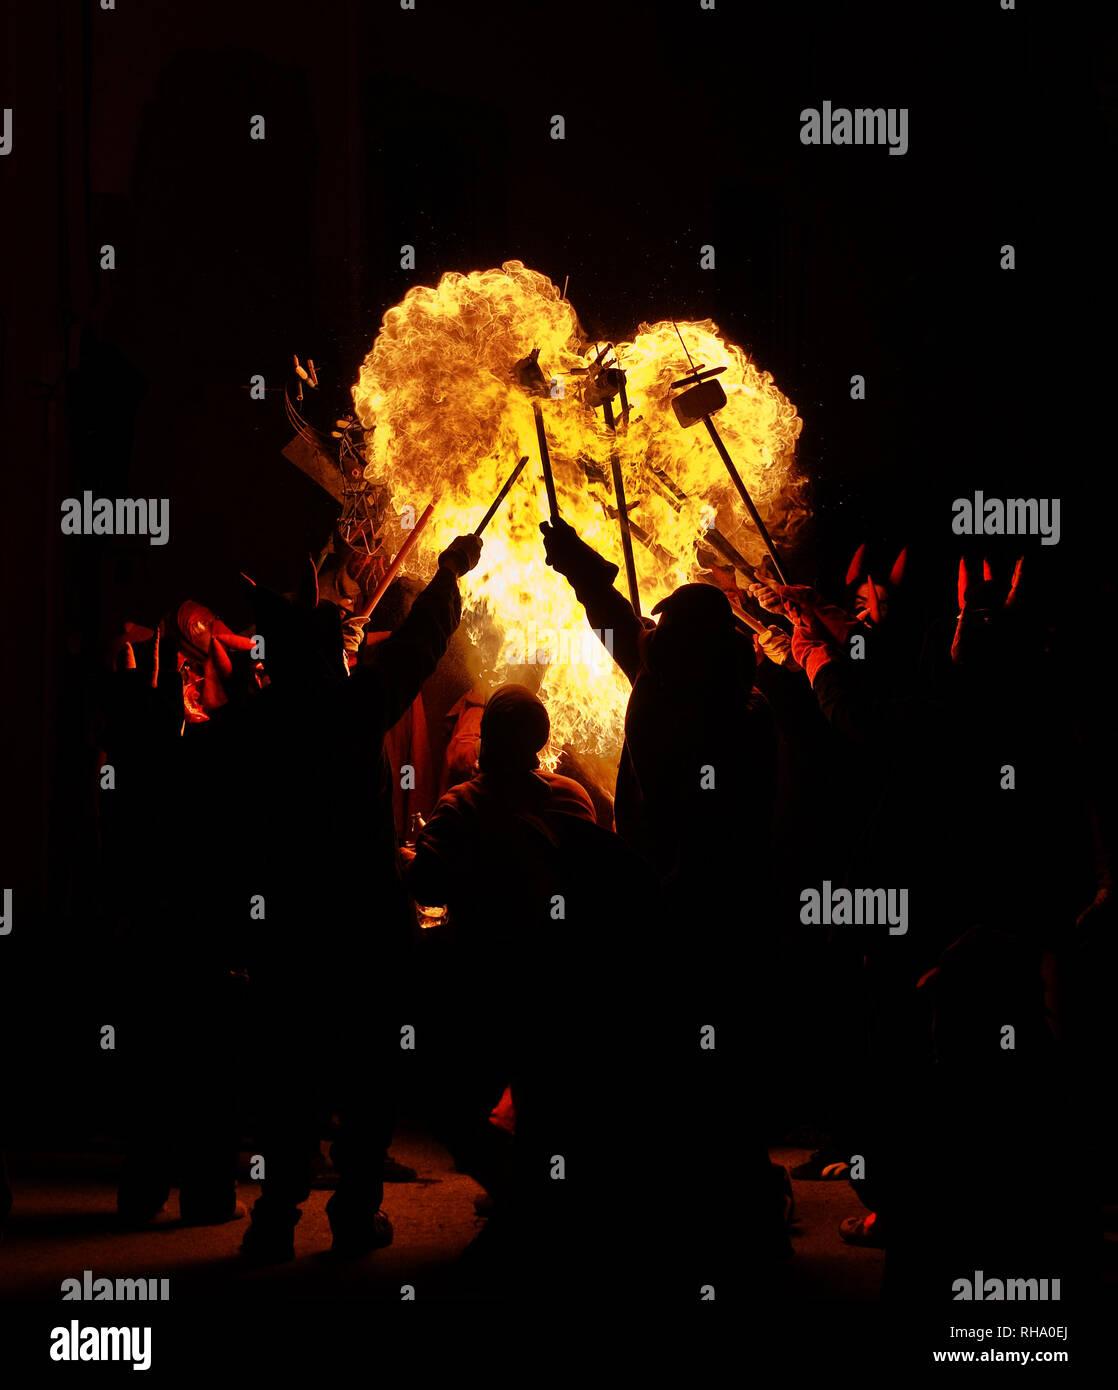 Un grande cuore ardente è stata formata nel corso di una tradizione catalana con i diavoli (correfoc)... hot amore e passione! Immagini Stock